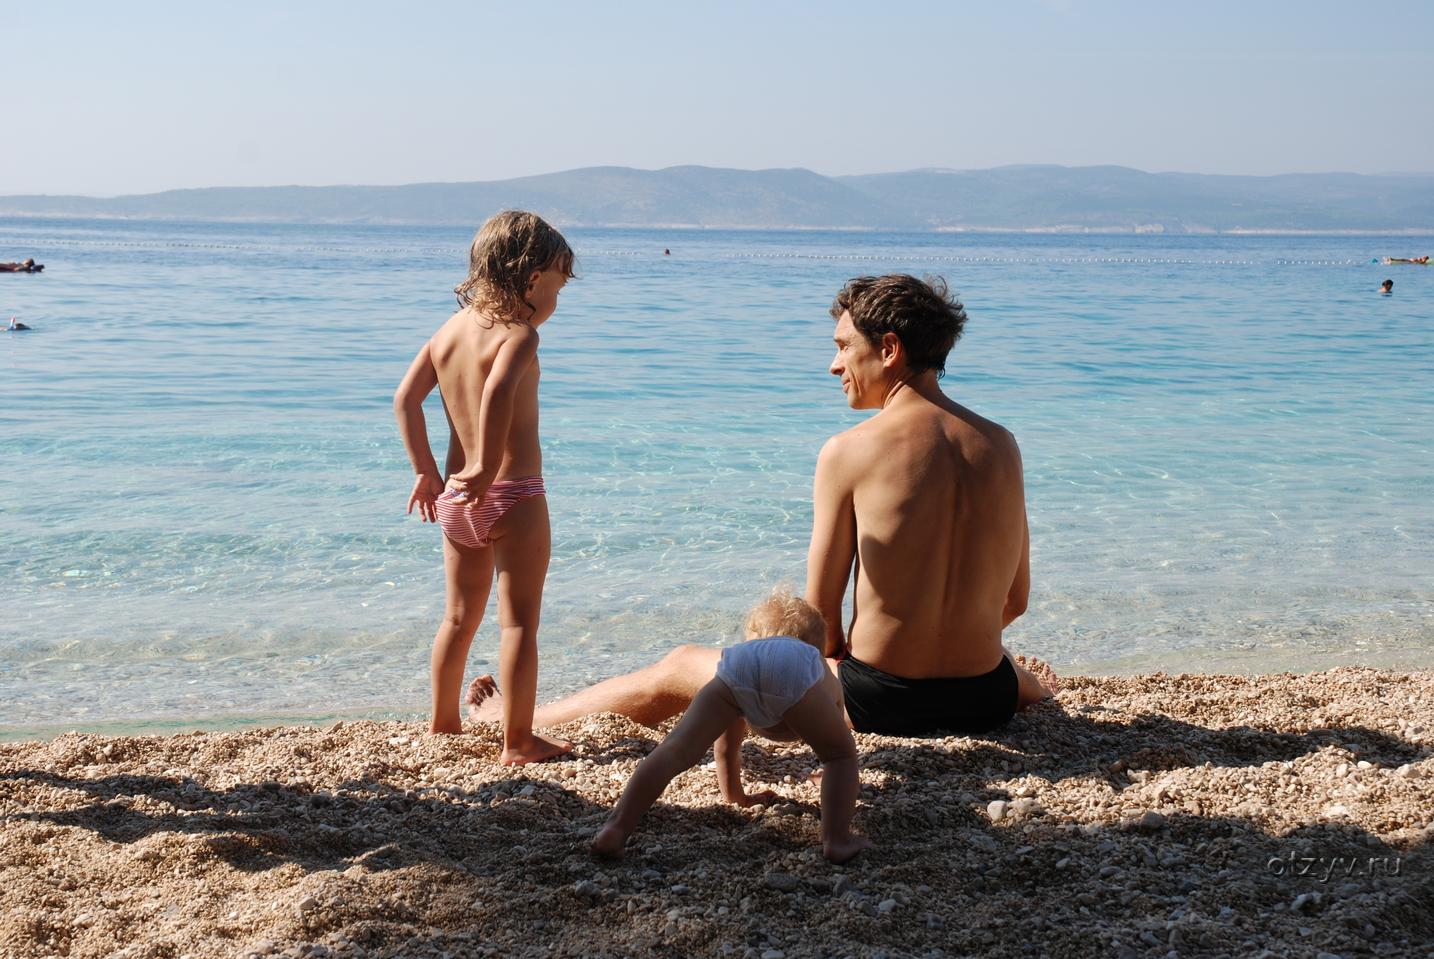 Фото голый семейный нудизм, Фото нудистов на пляже, семейный нудизм и фото 19 фотография